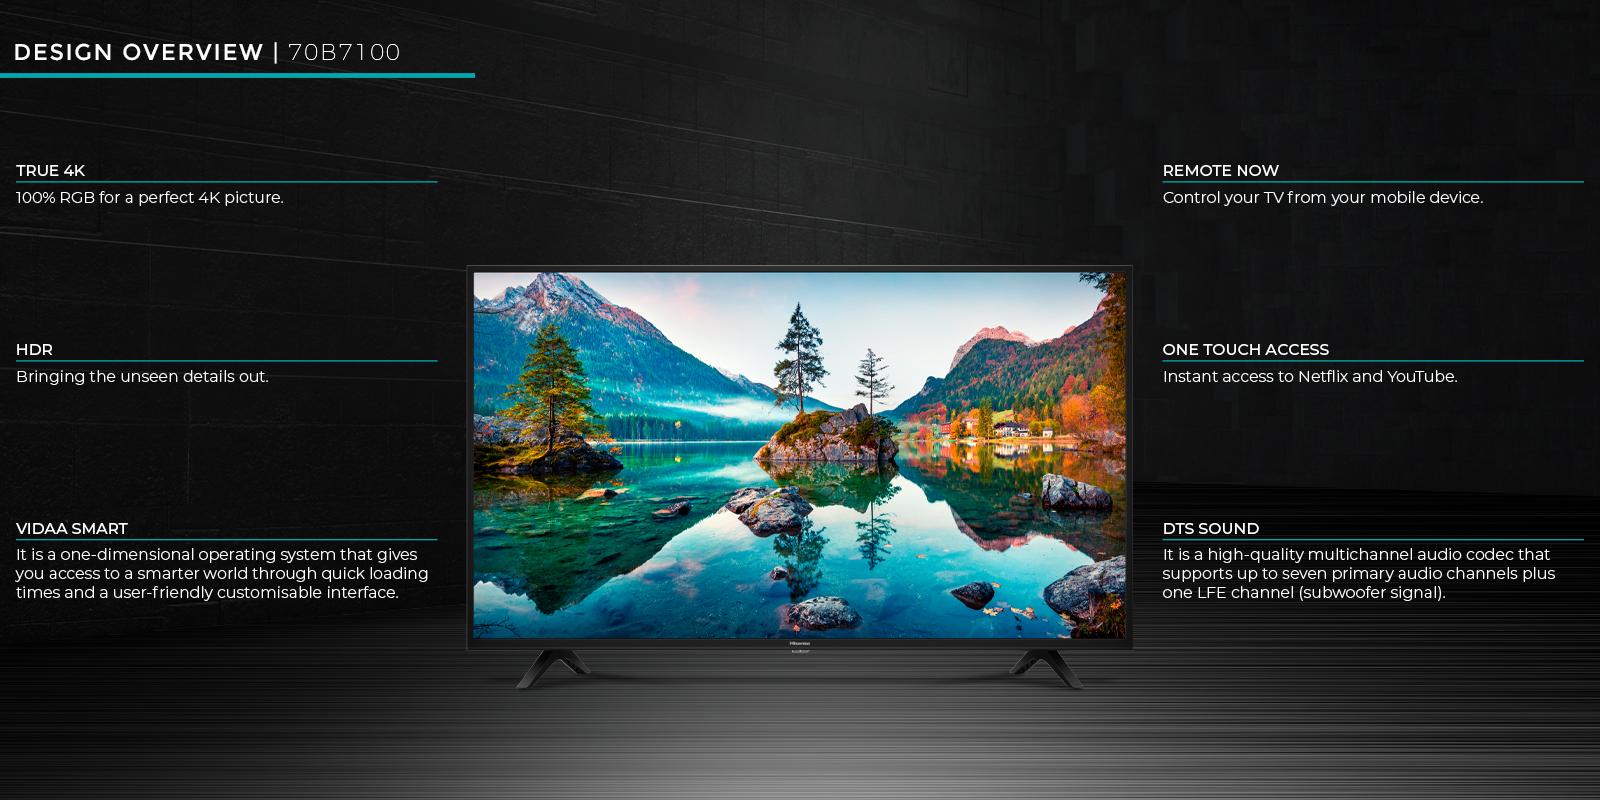 Hd/smart TV's